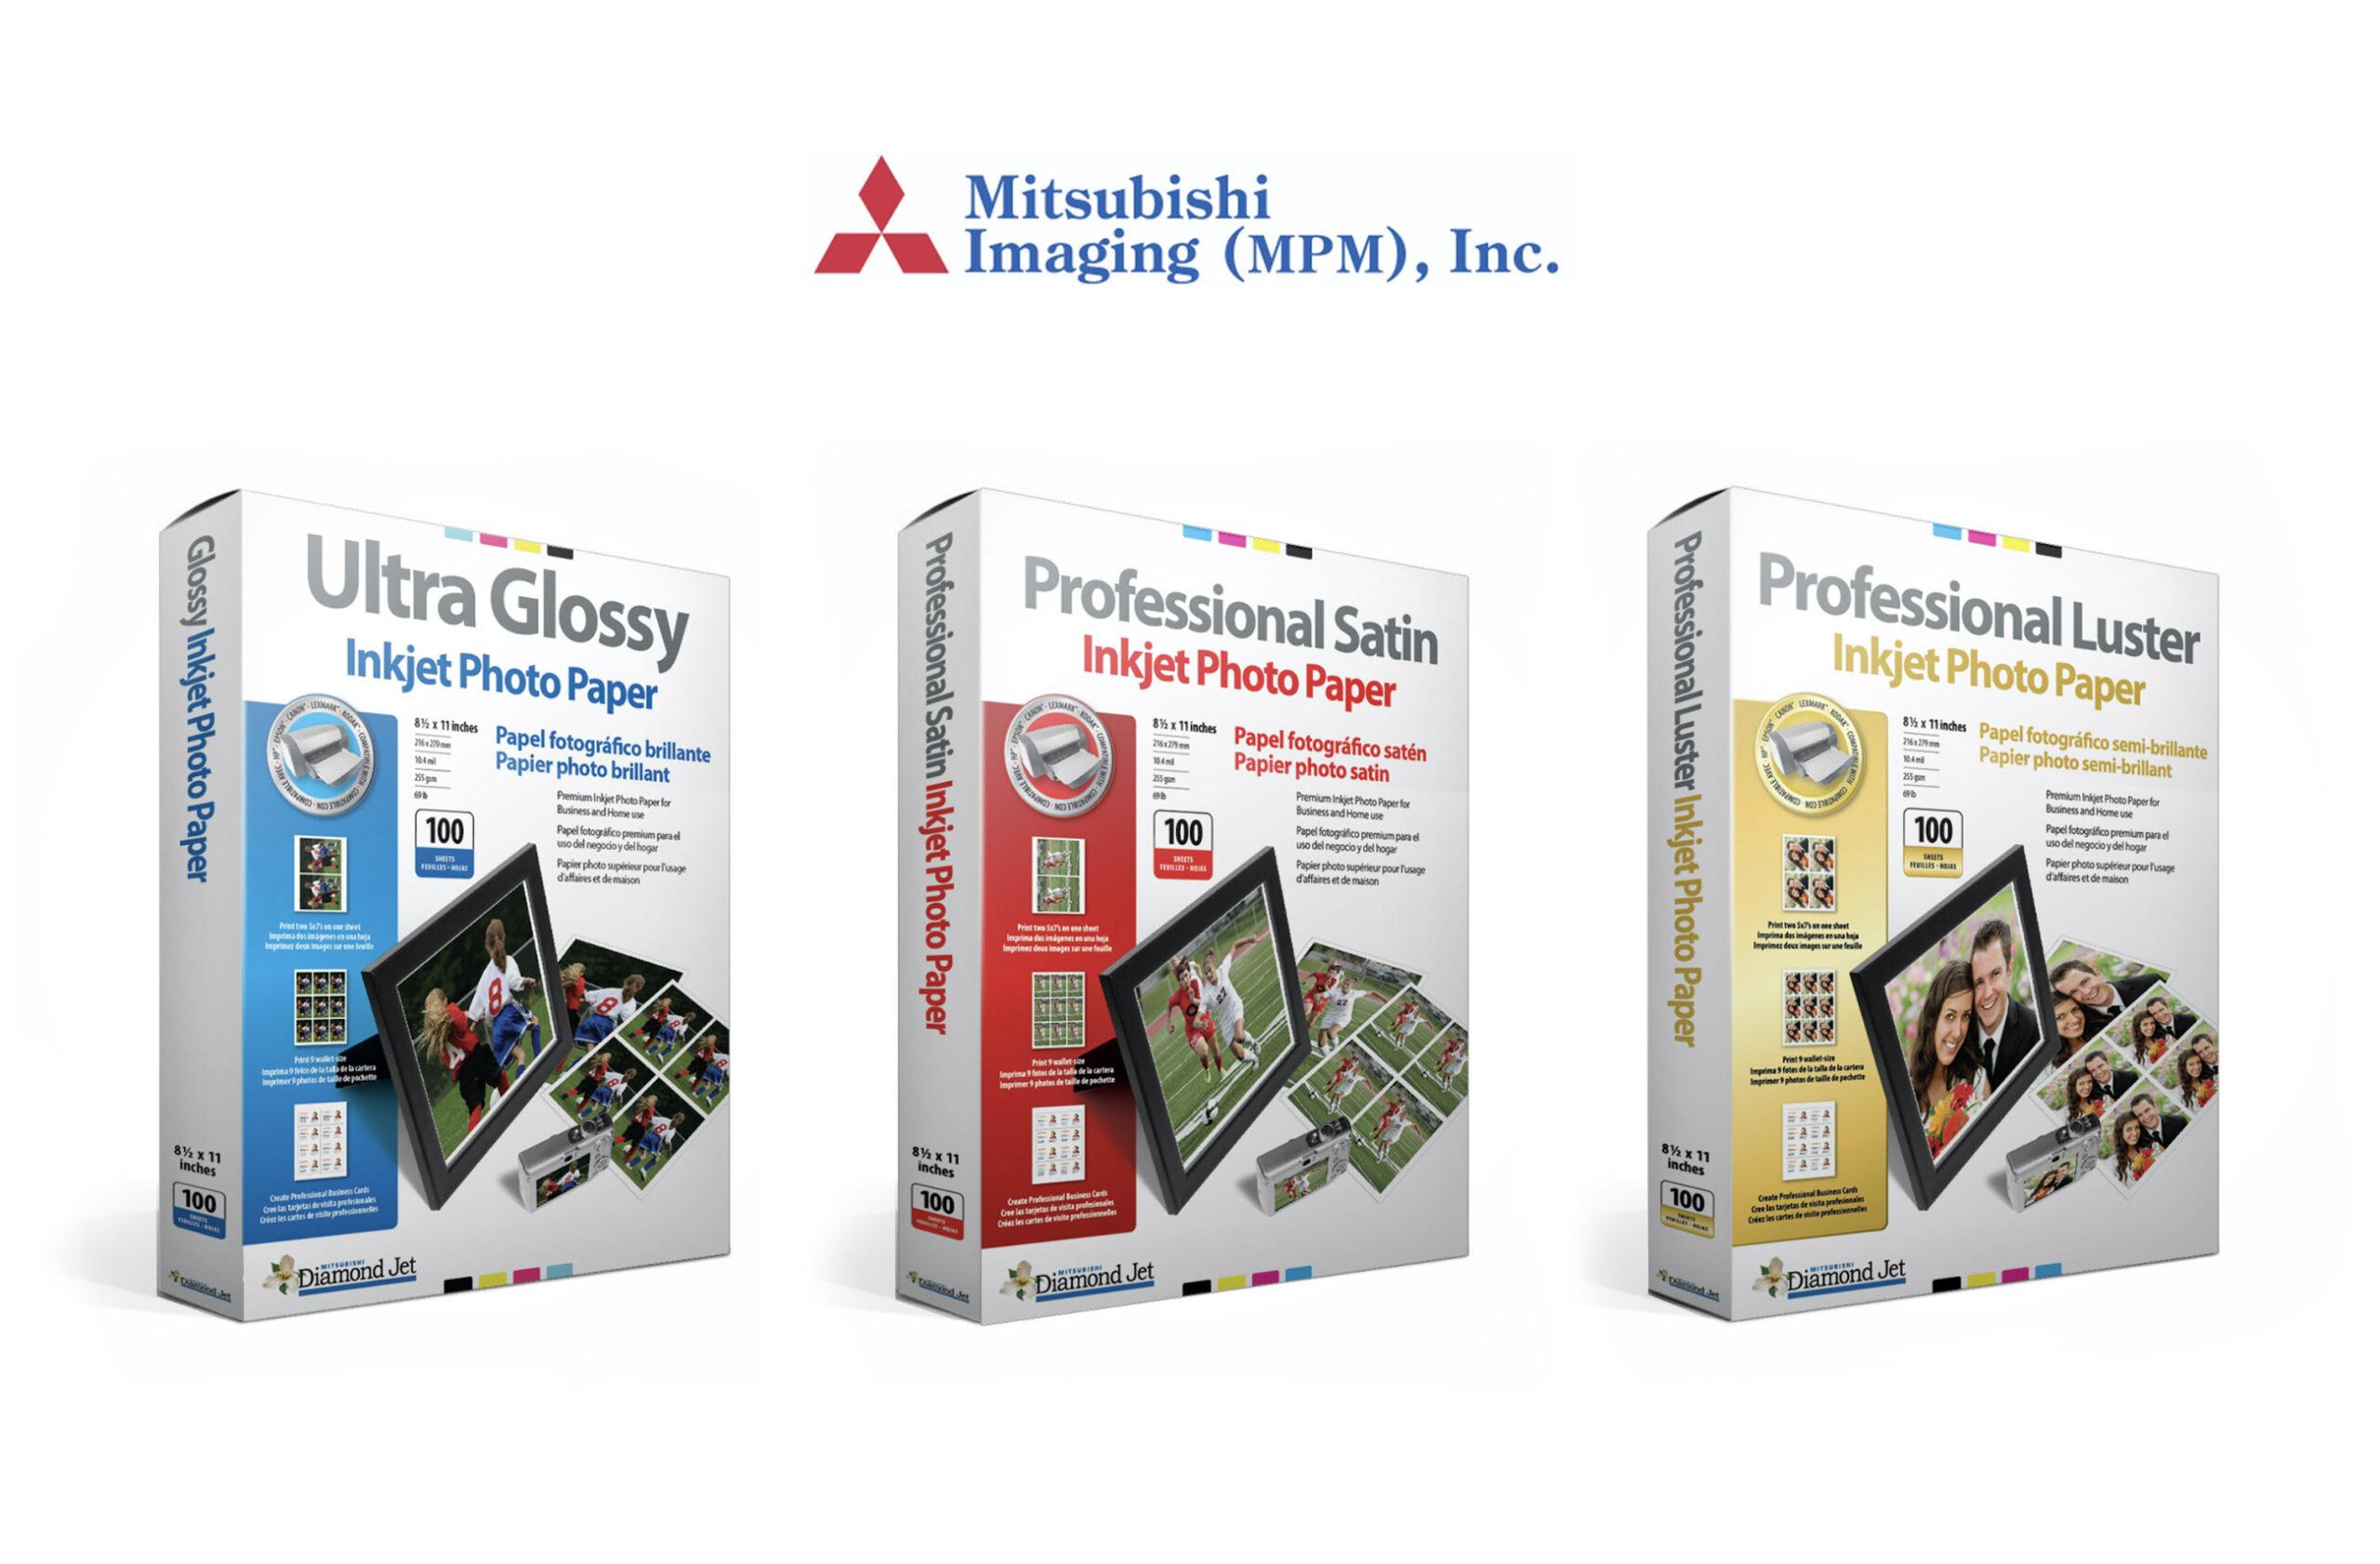 PRINT-mits-pkg-2600x1708px